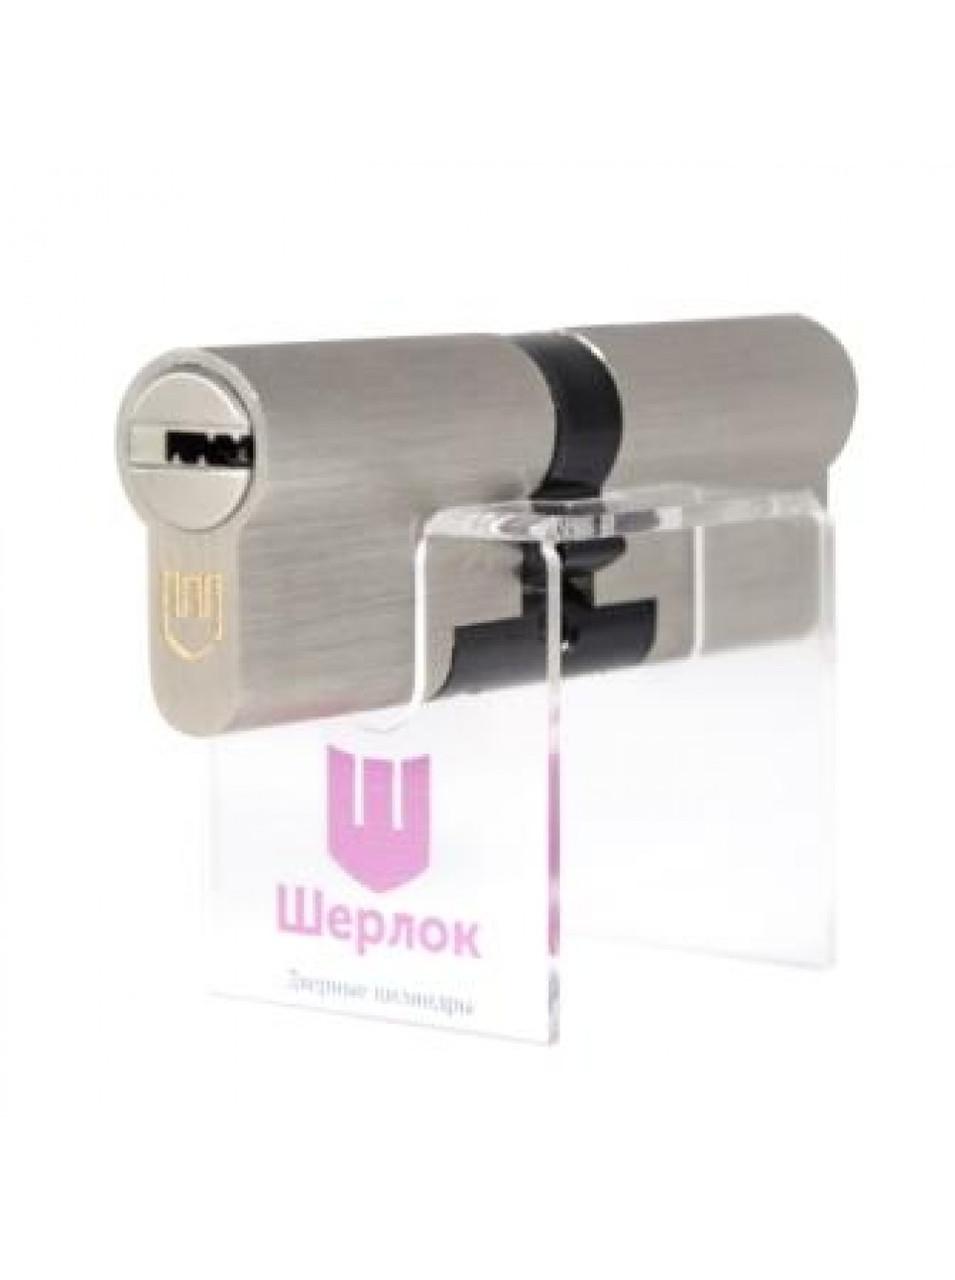 Цилиндр замка Шерлок HK 100 (50Х50)-SN